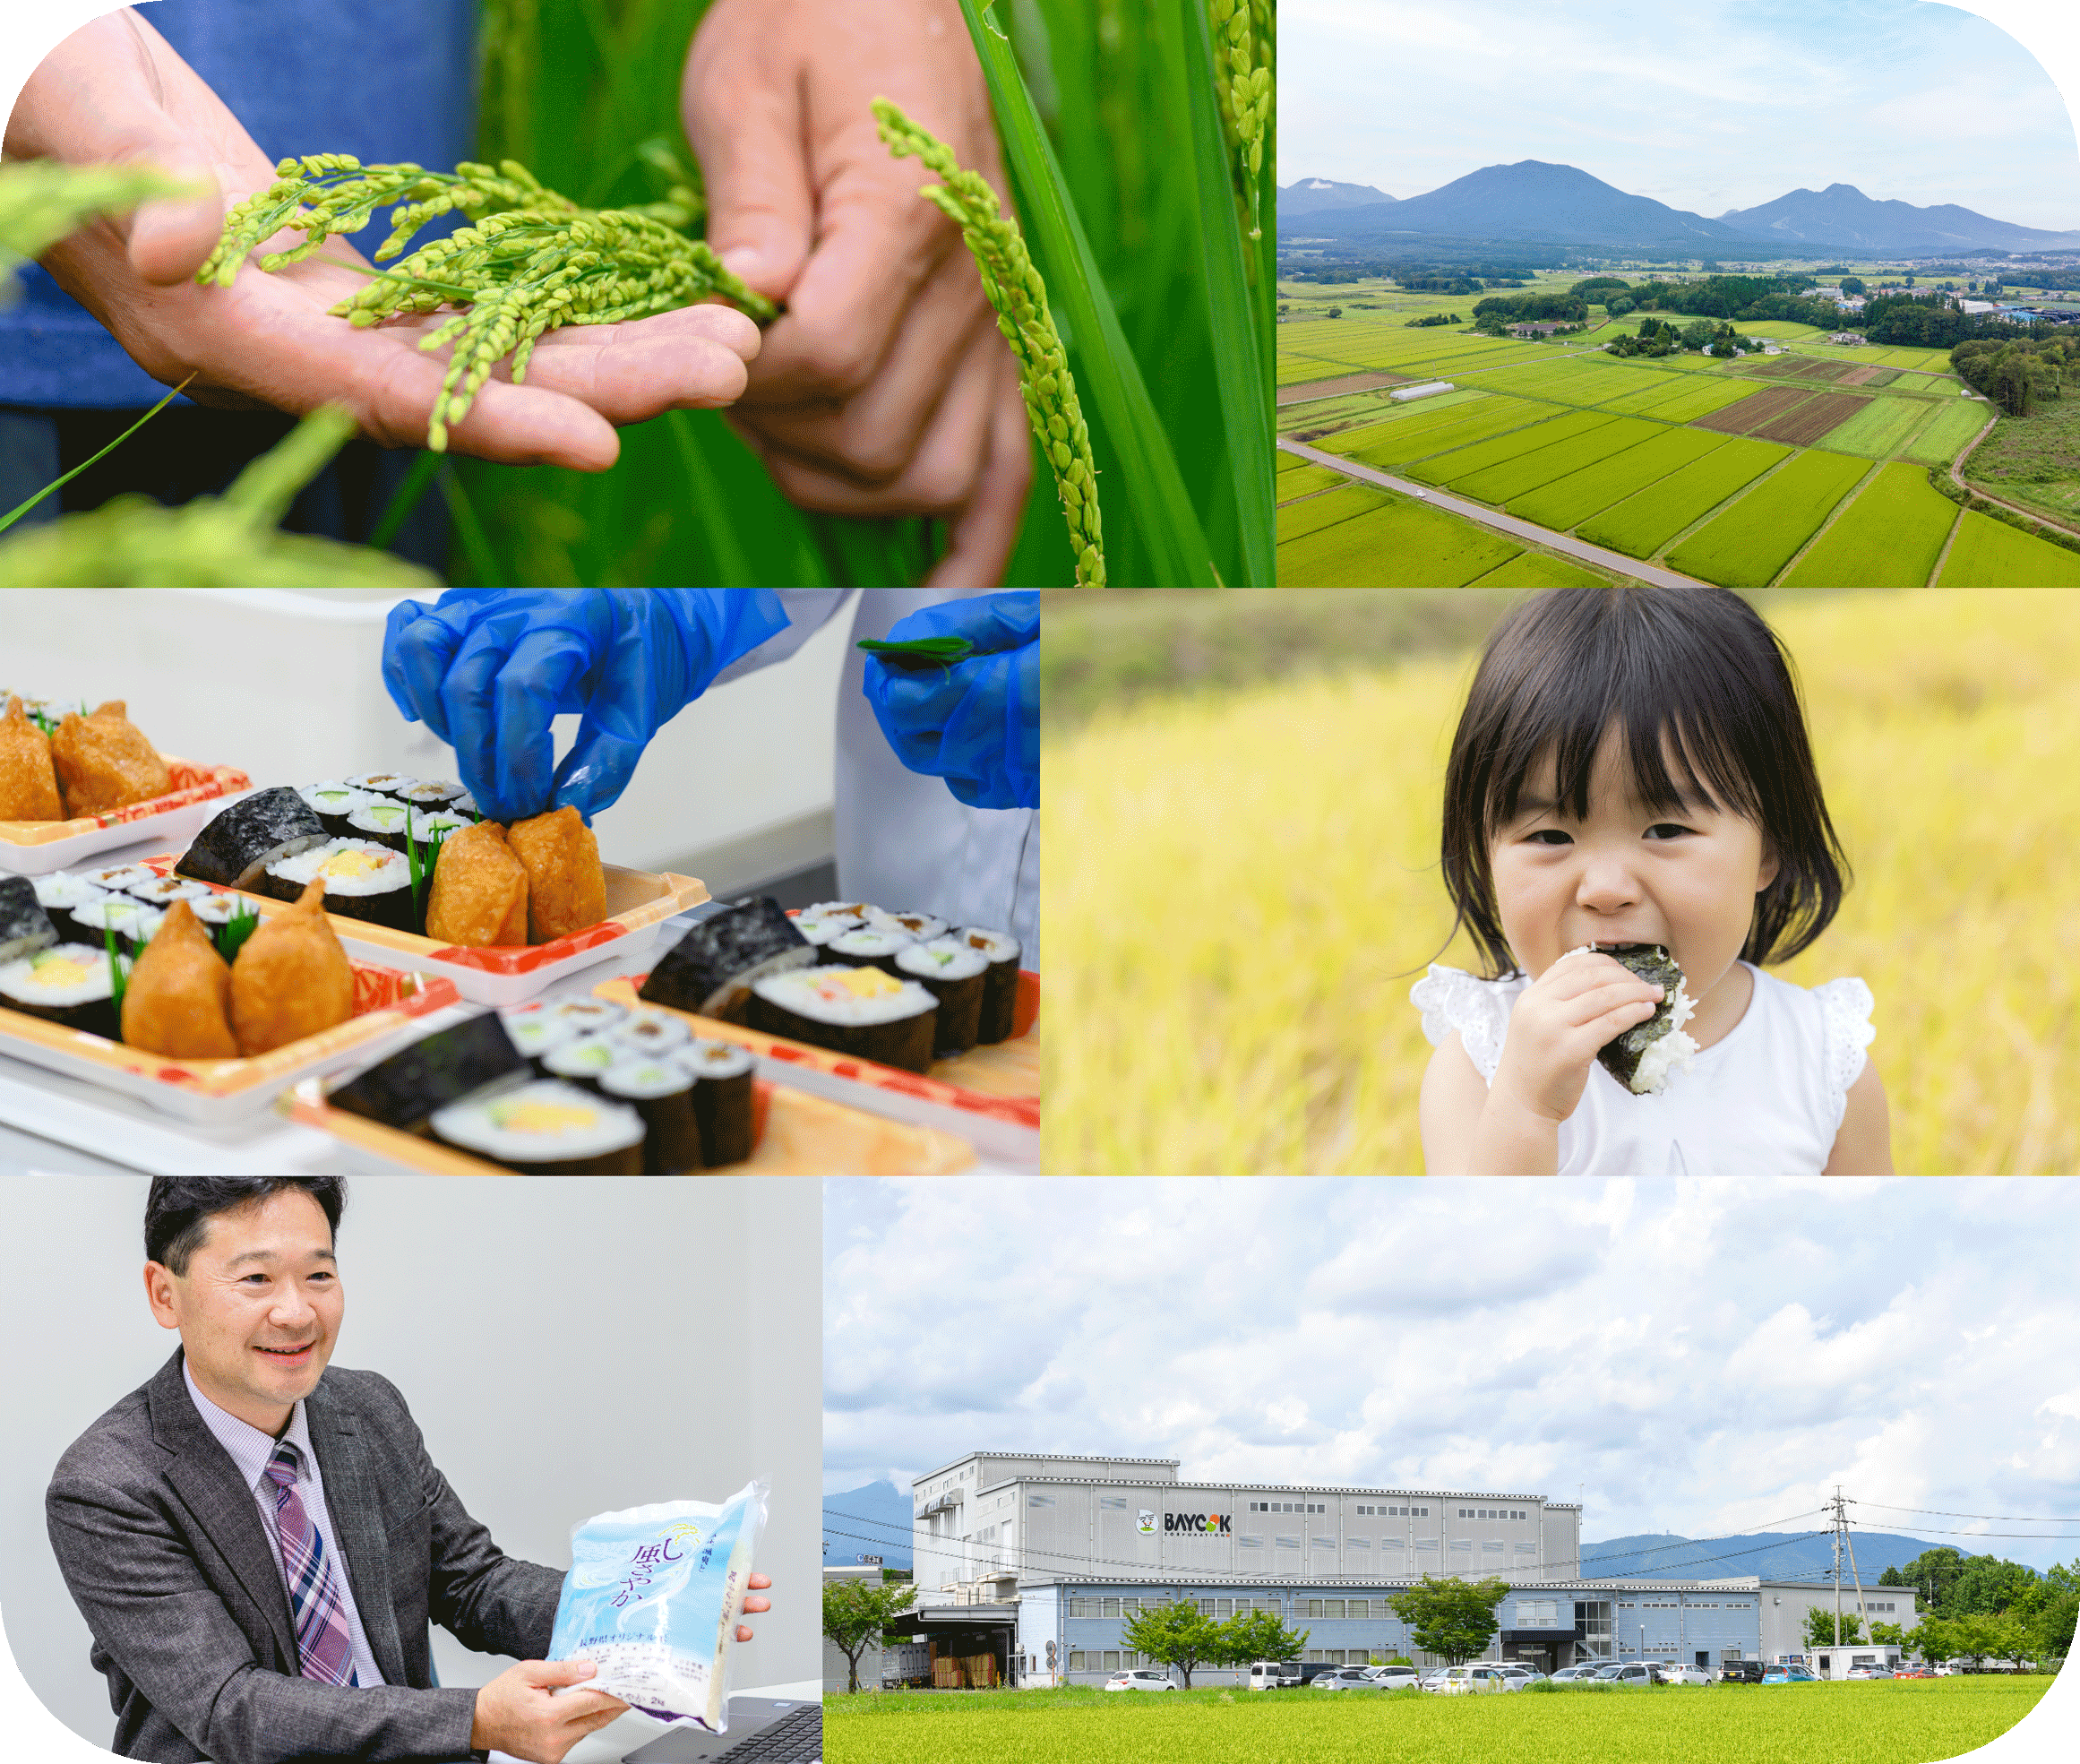 全国トップレベルの長野米を届けるベイクックコーポレーション